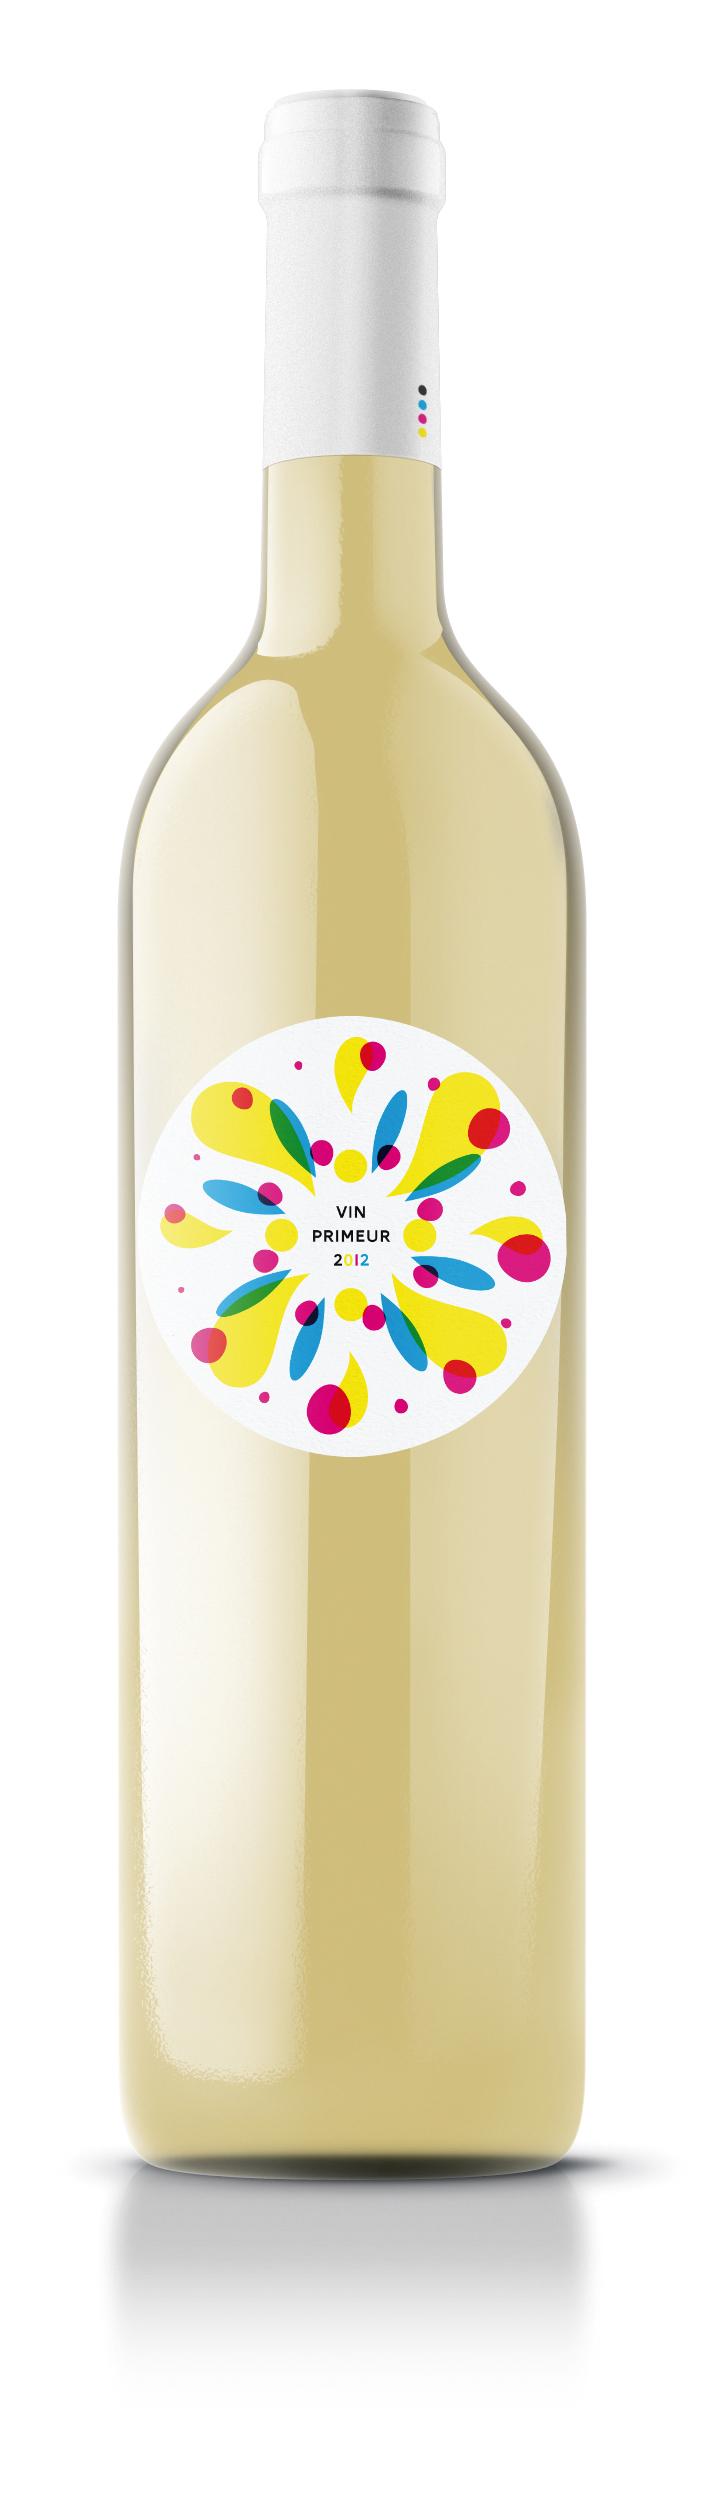 Un super site web sur le vin : vinprimeur.net